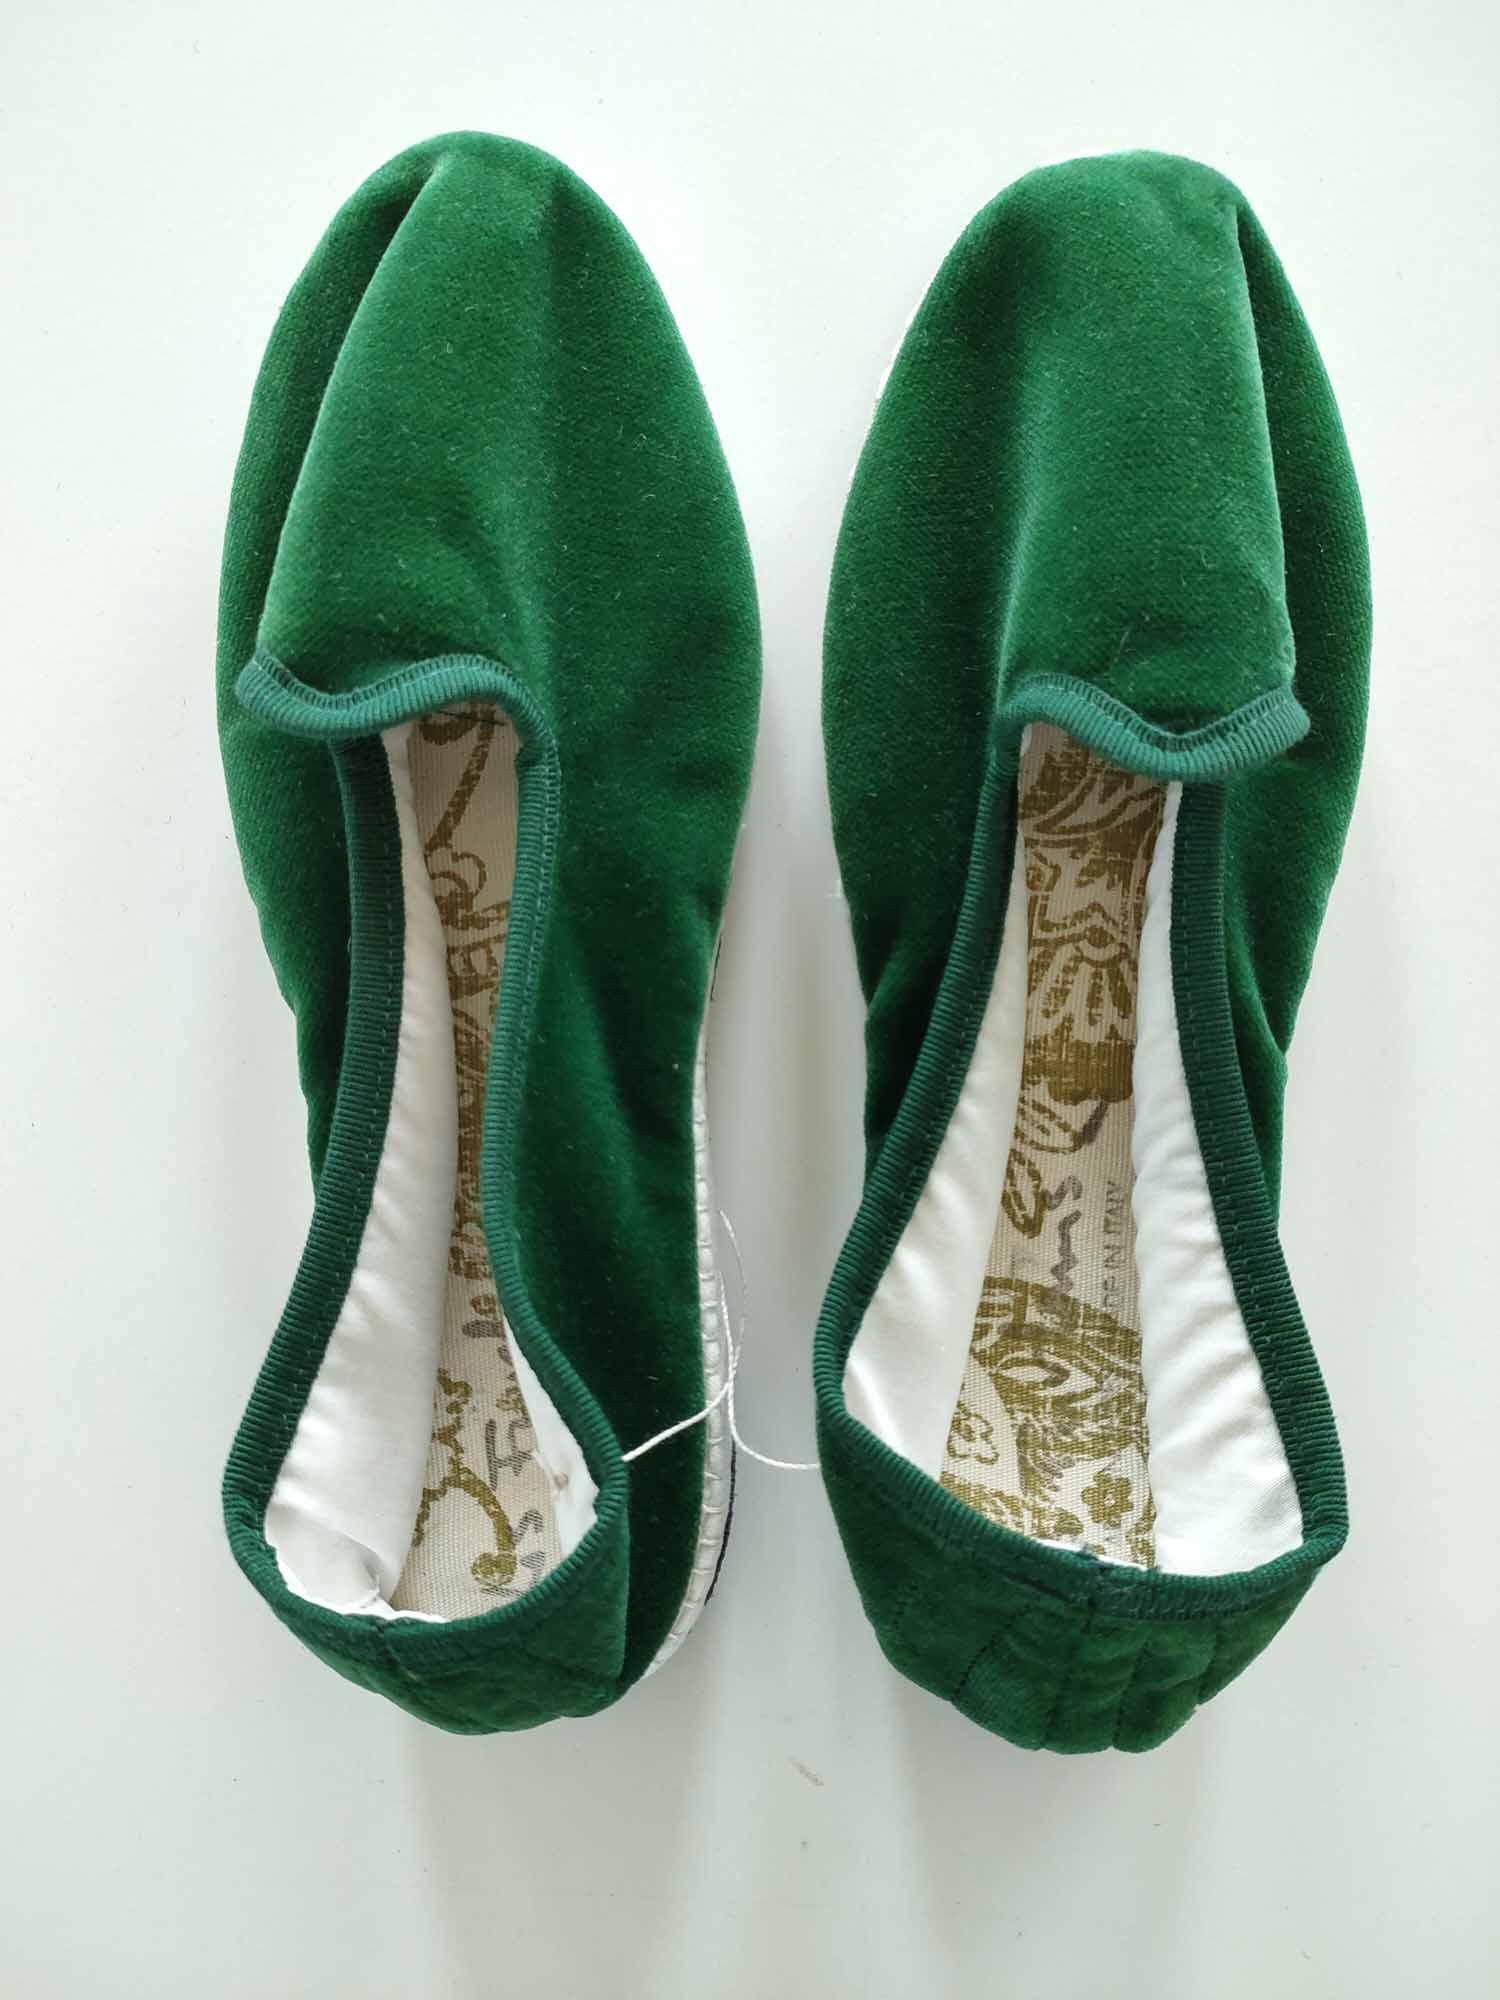 slippers artigianali made in friuli